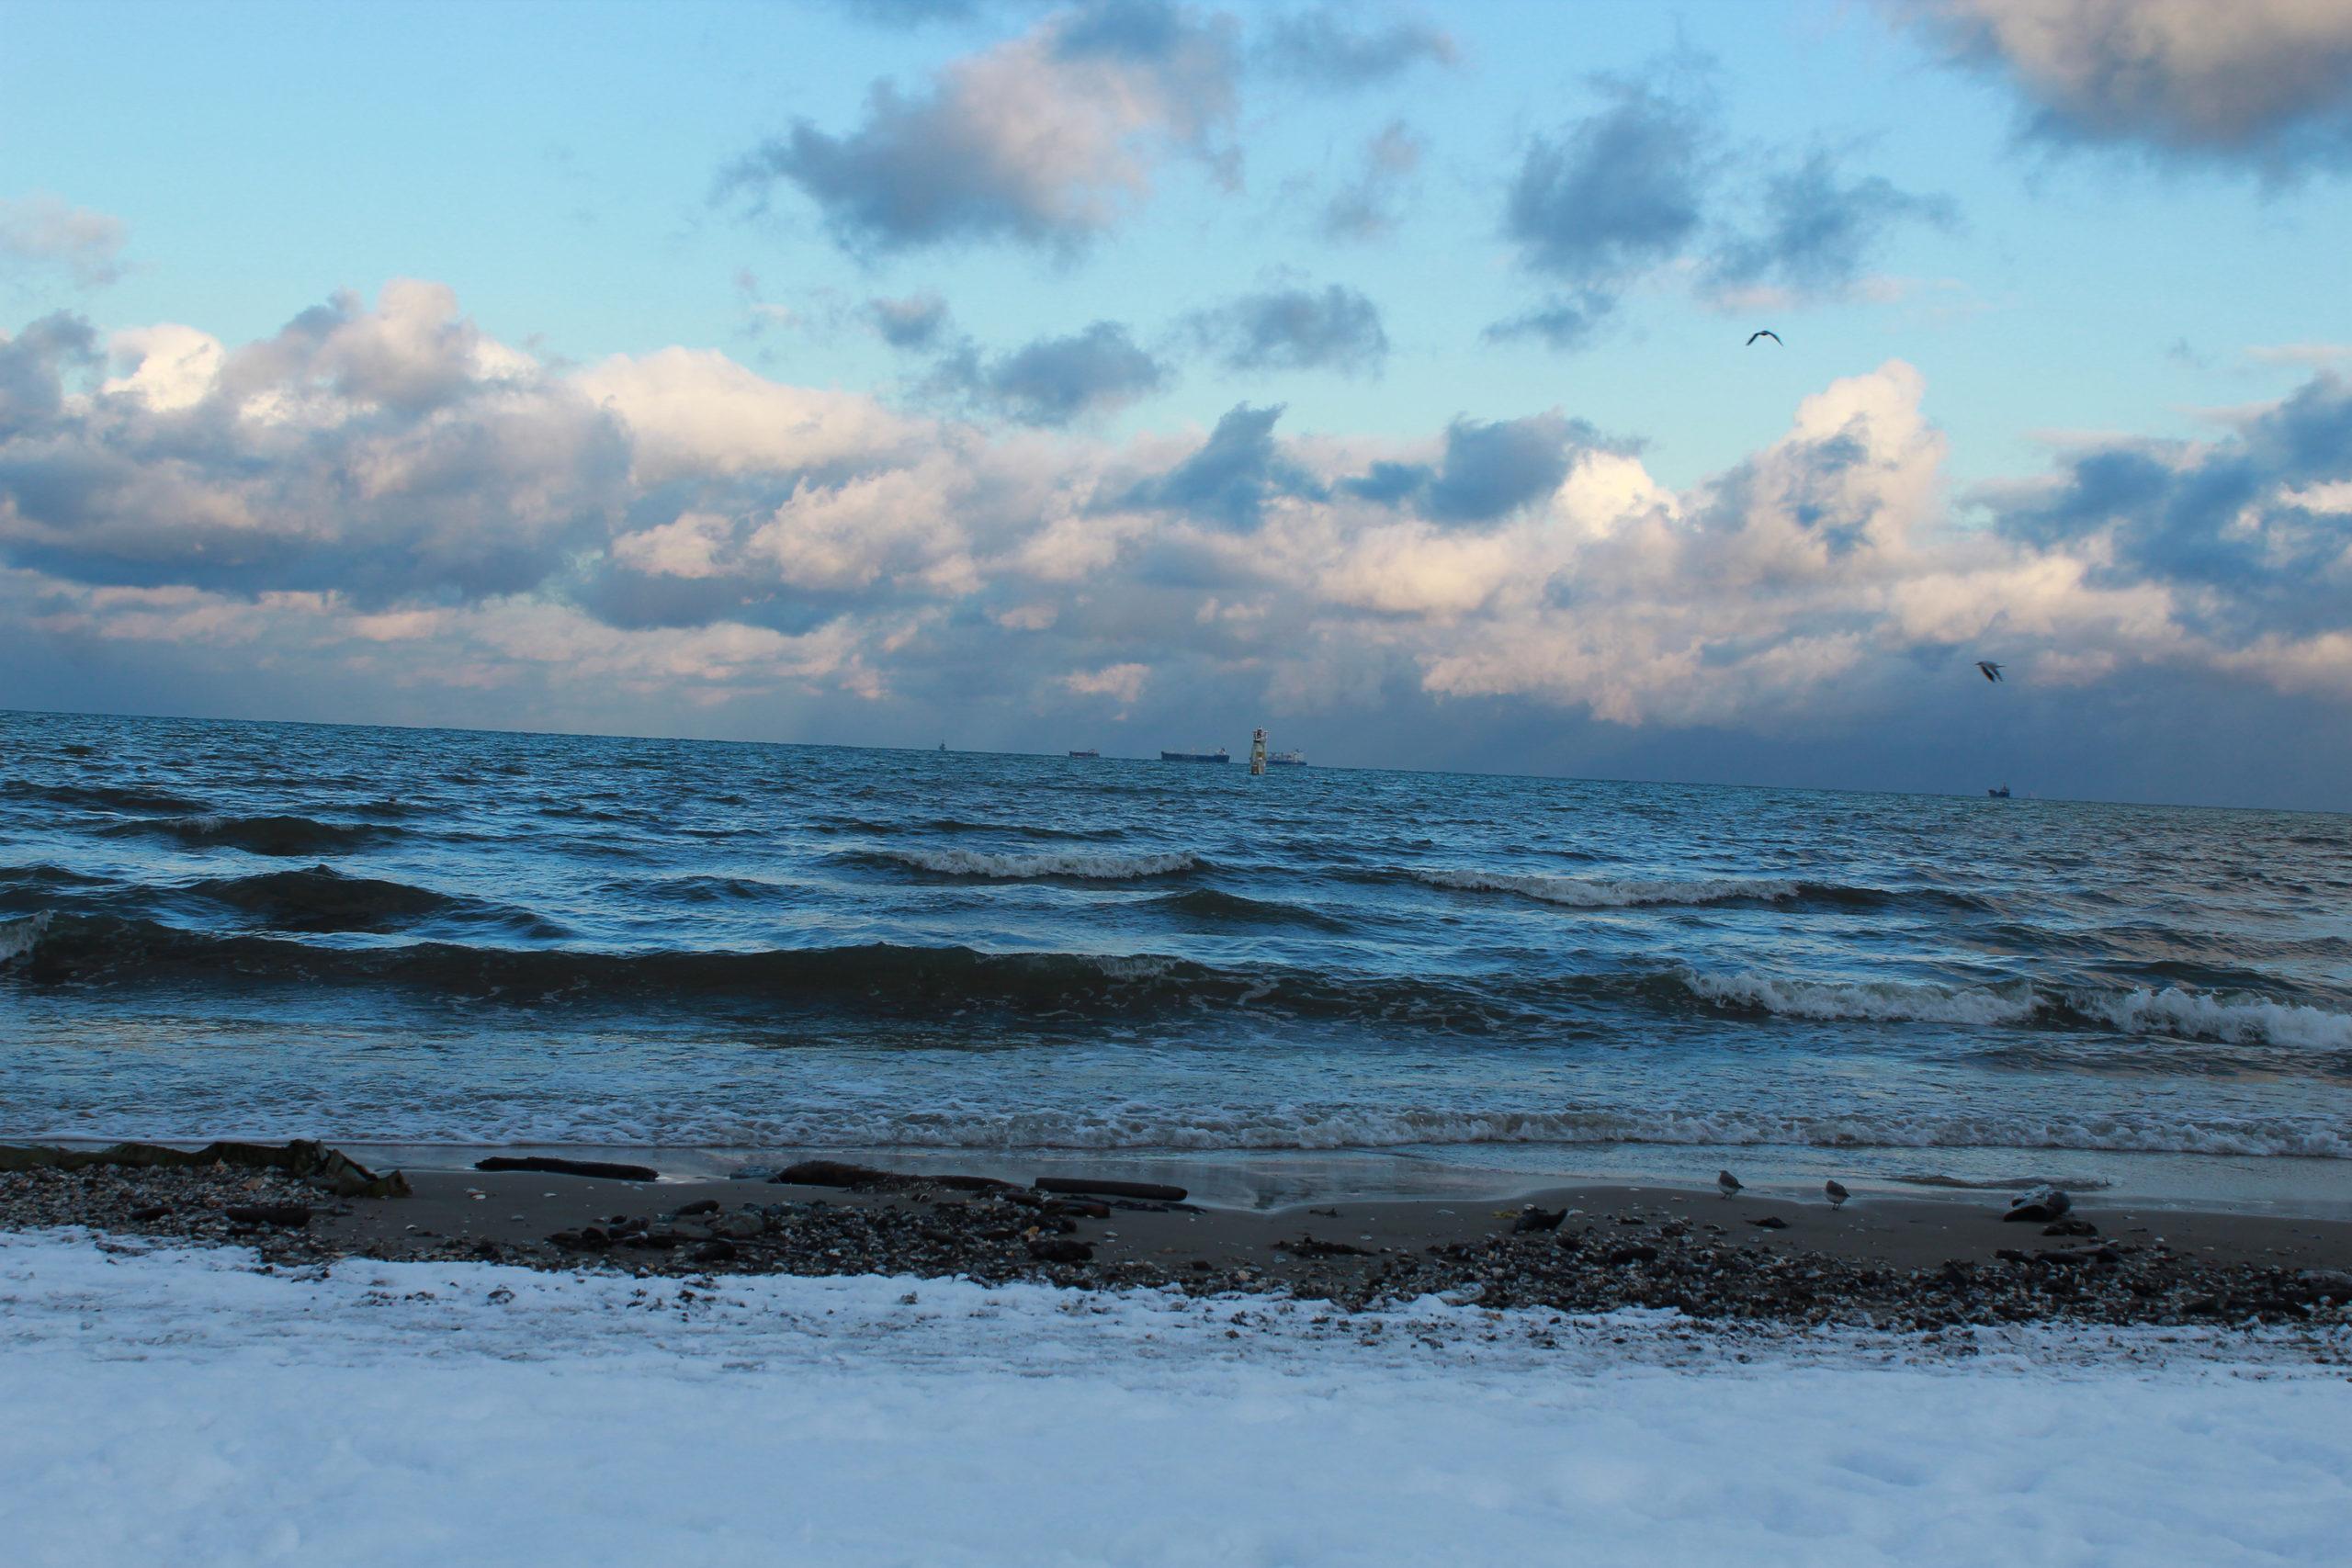 śnieg na plaży i widok na morze